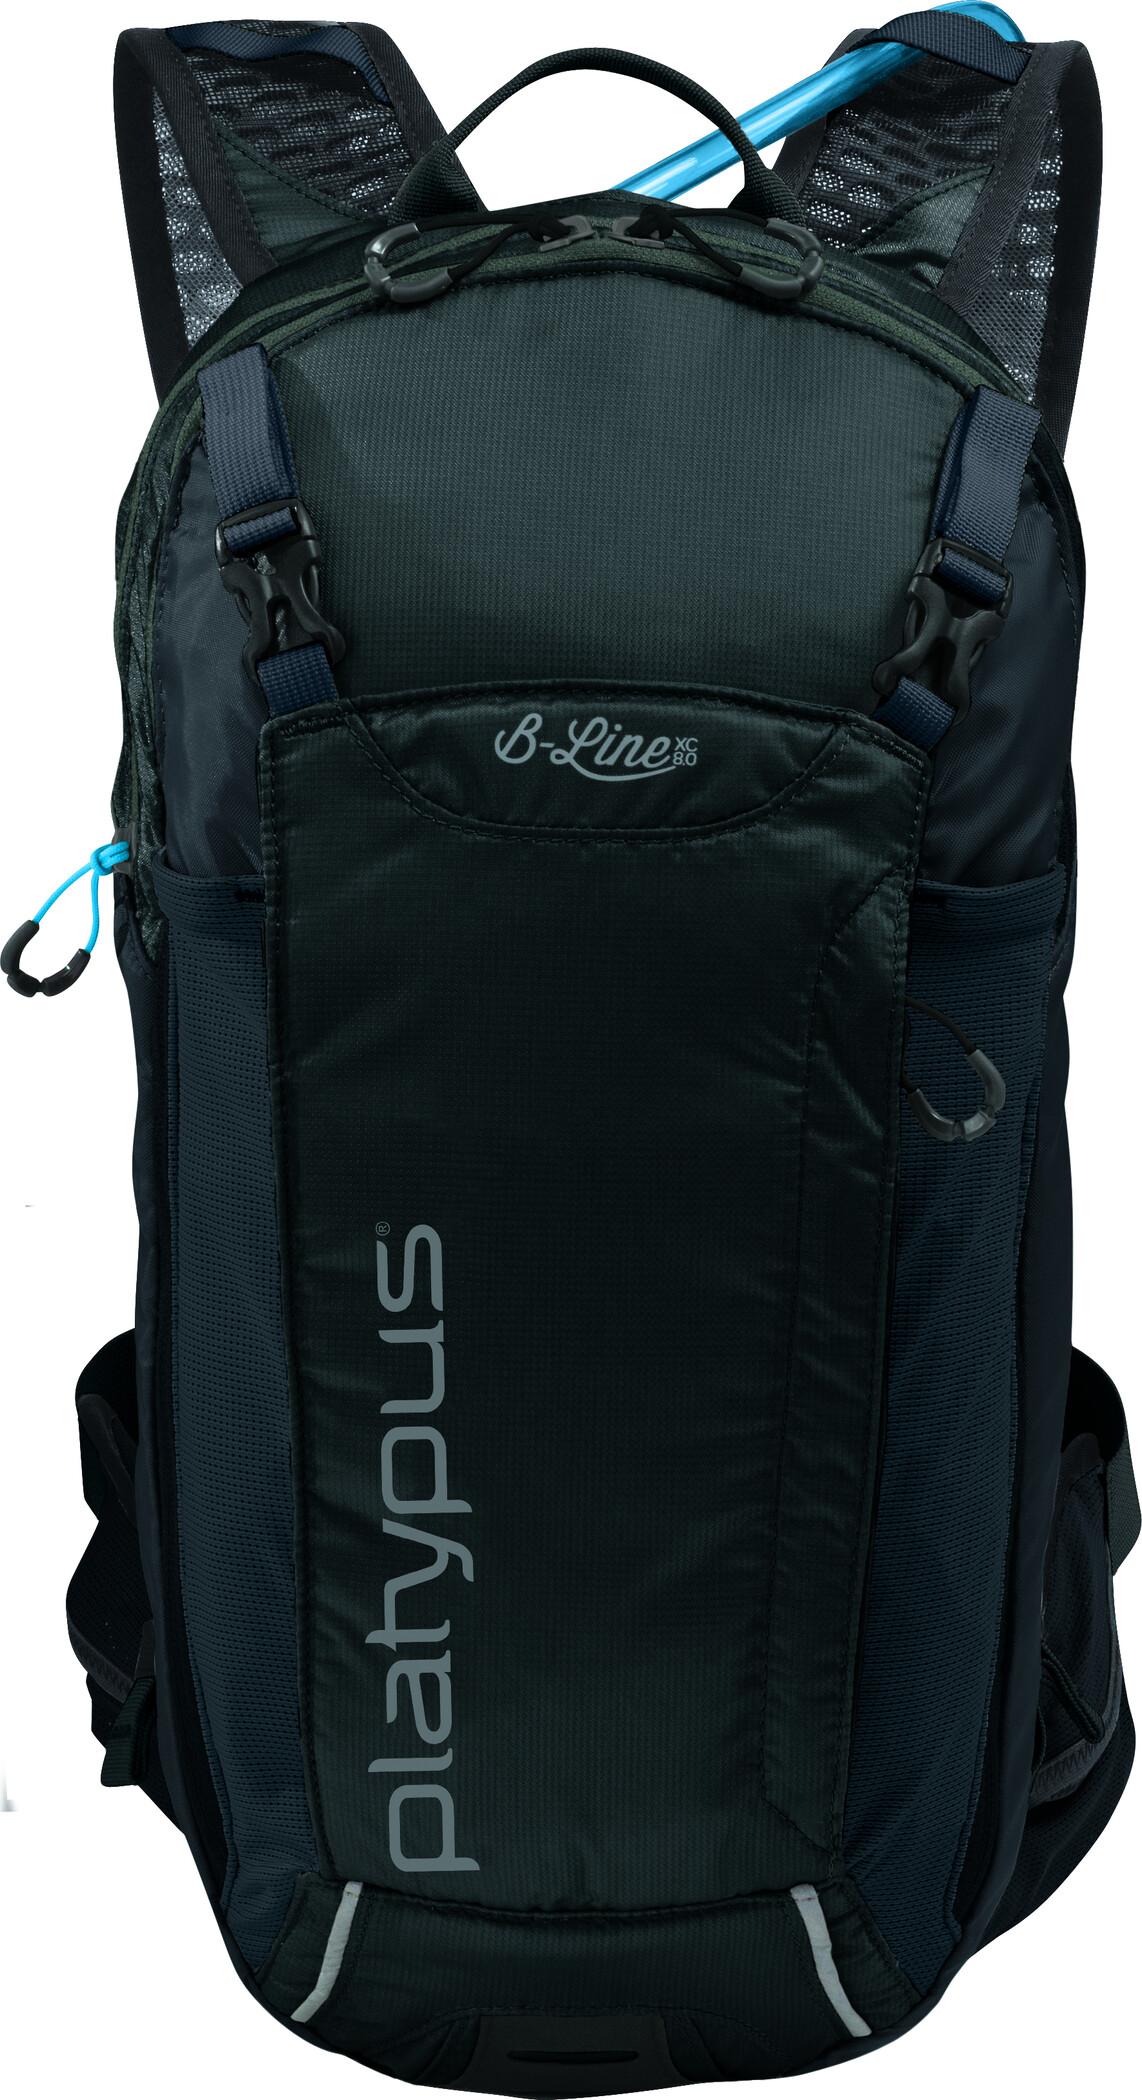 Platypus BLine 8 Rygsæk Damer, carbon   Rygsæk og rejsetasker